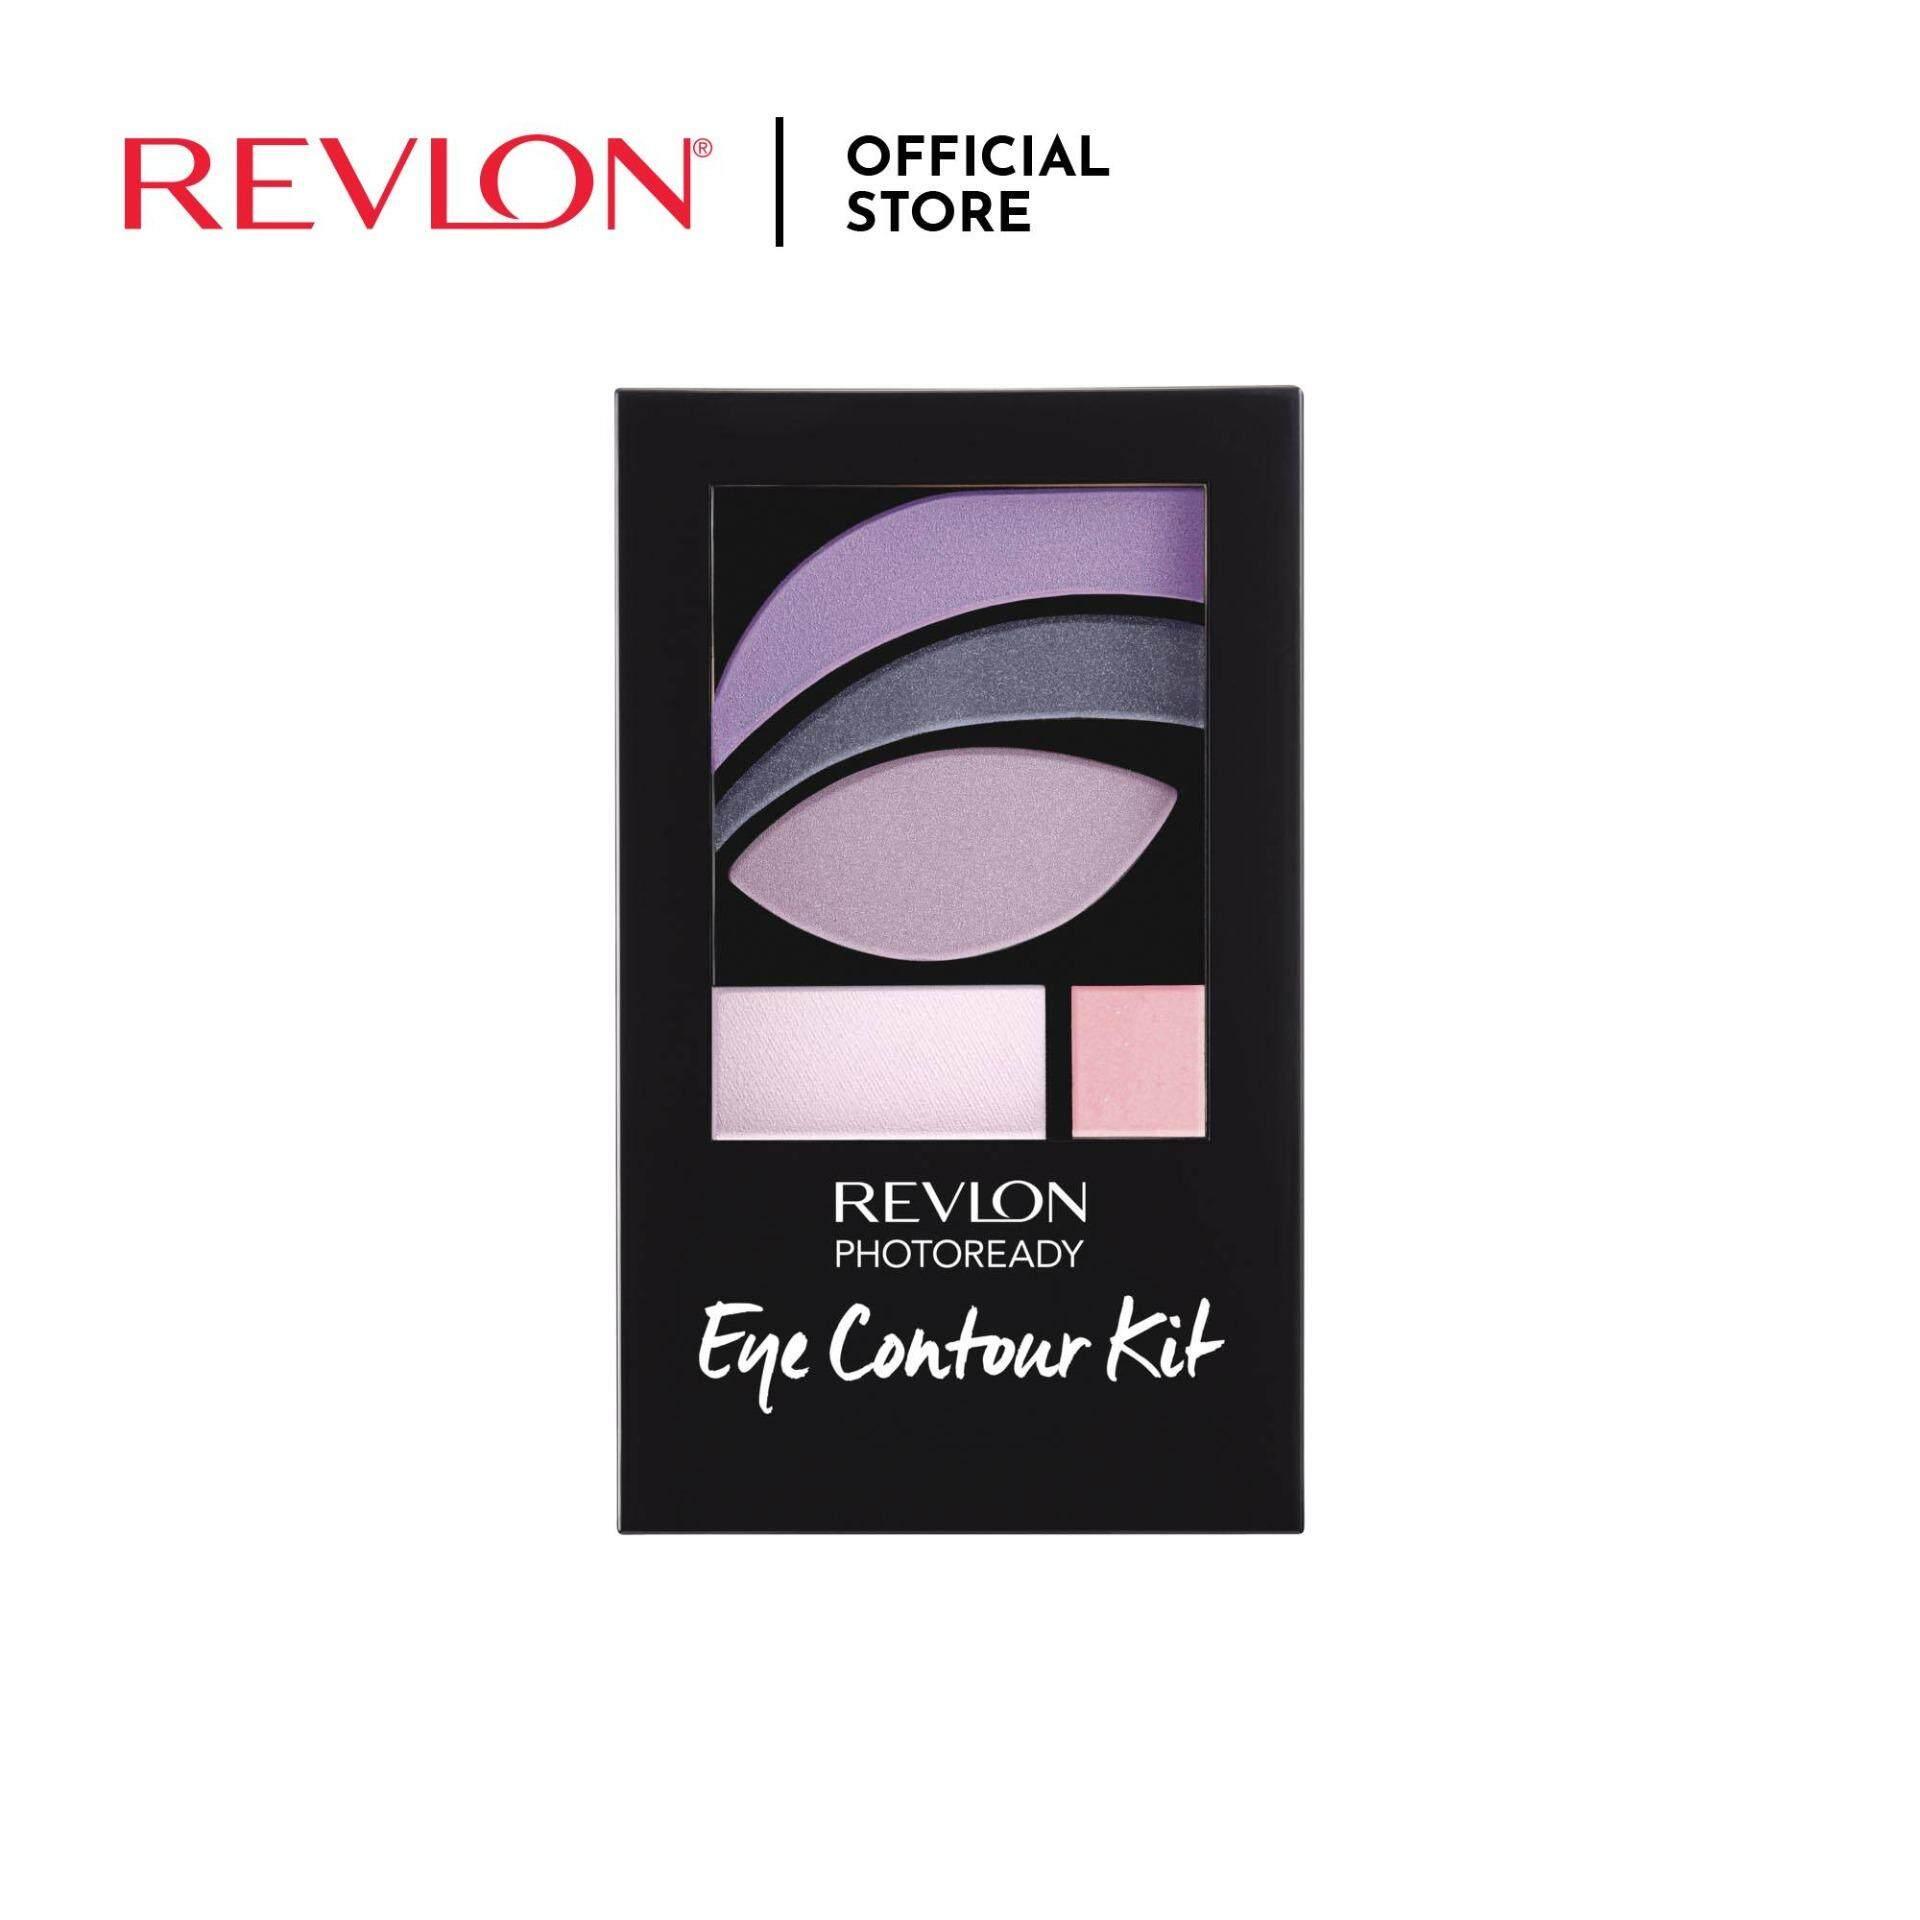 Revlon Photoready Eye Contour Kit -Watercolors 520